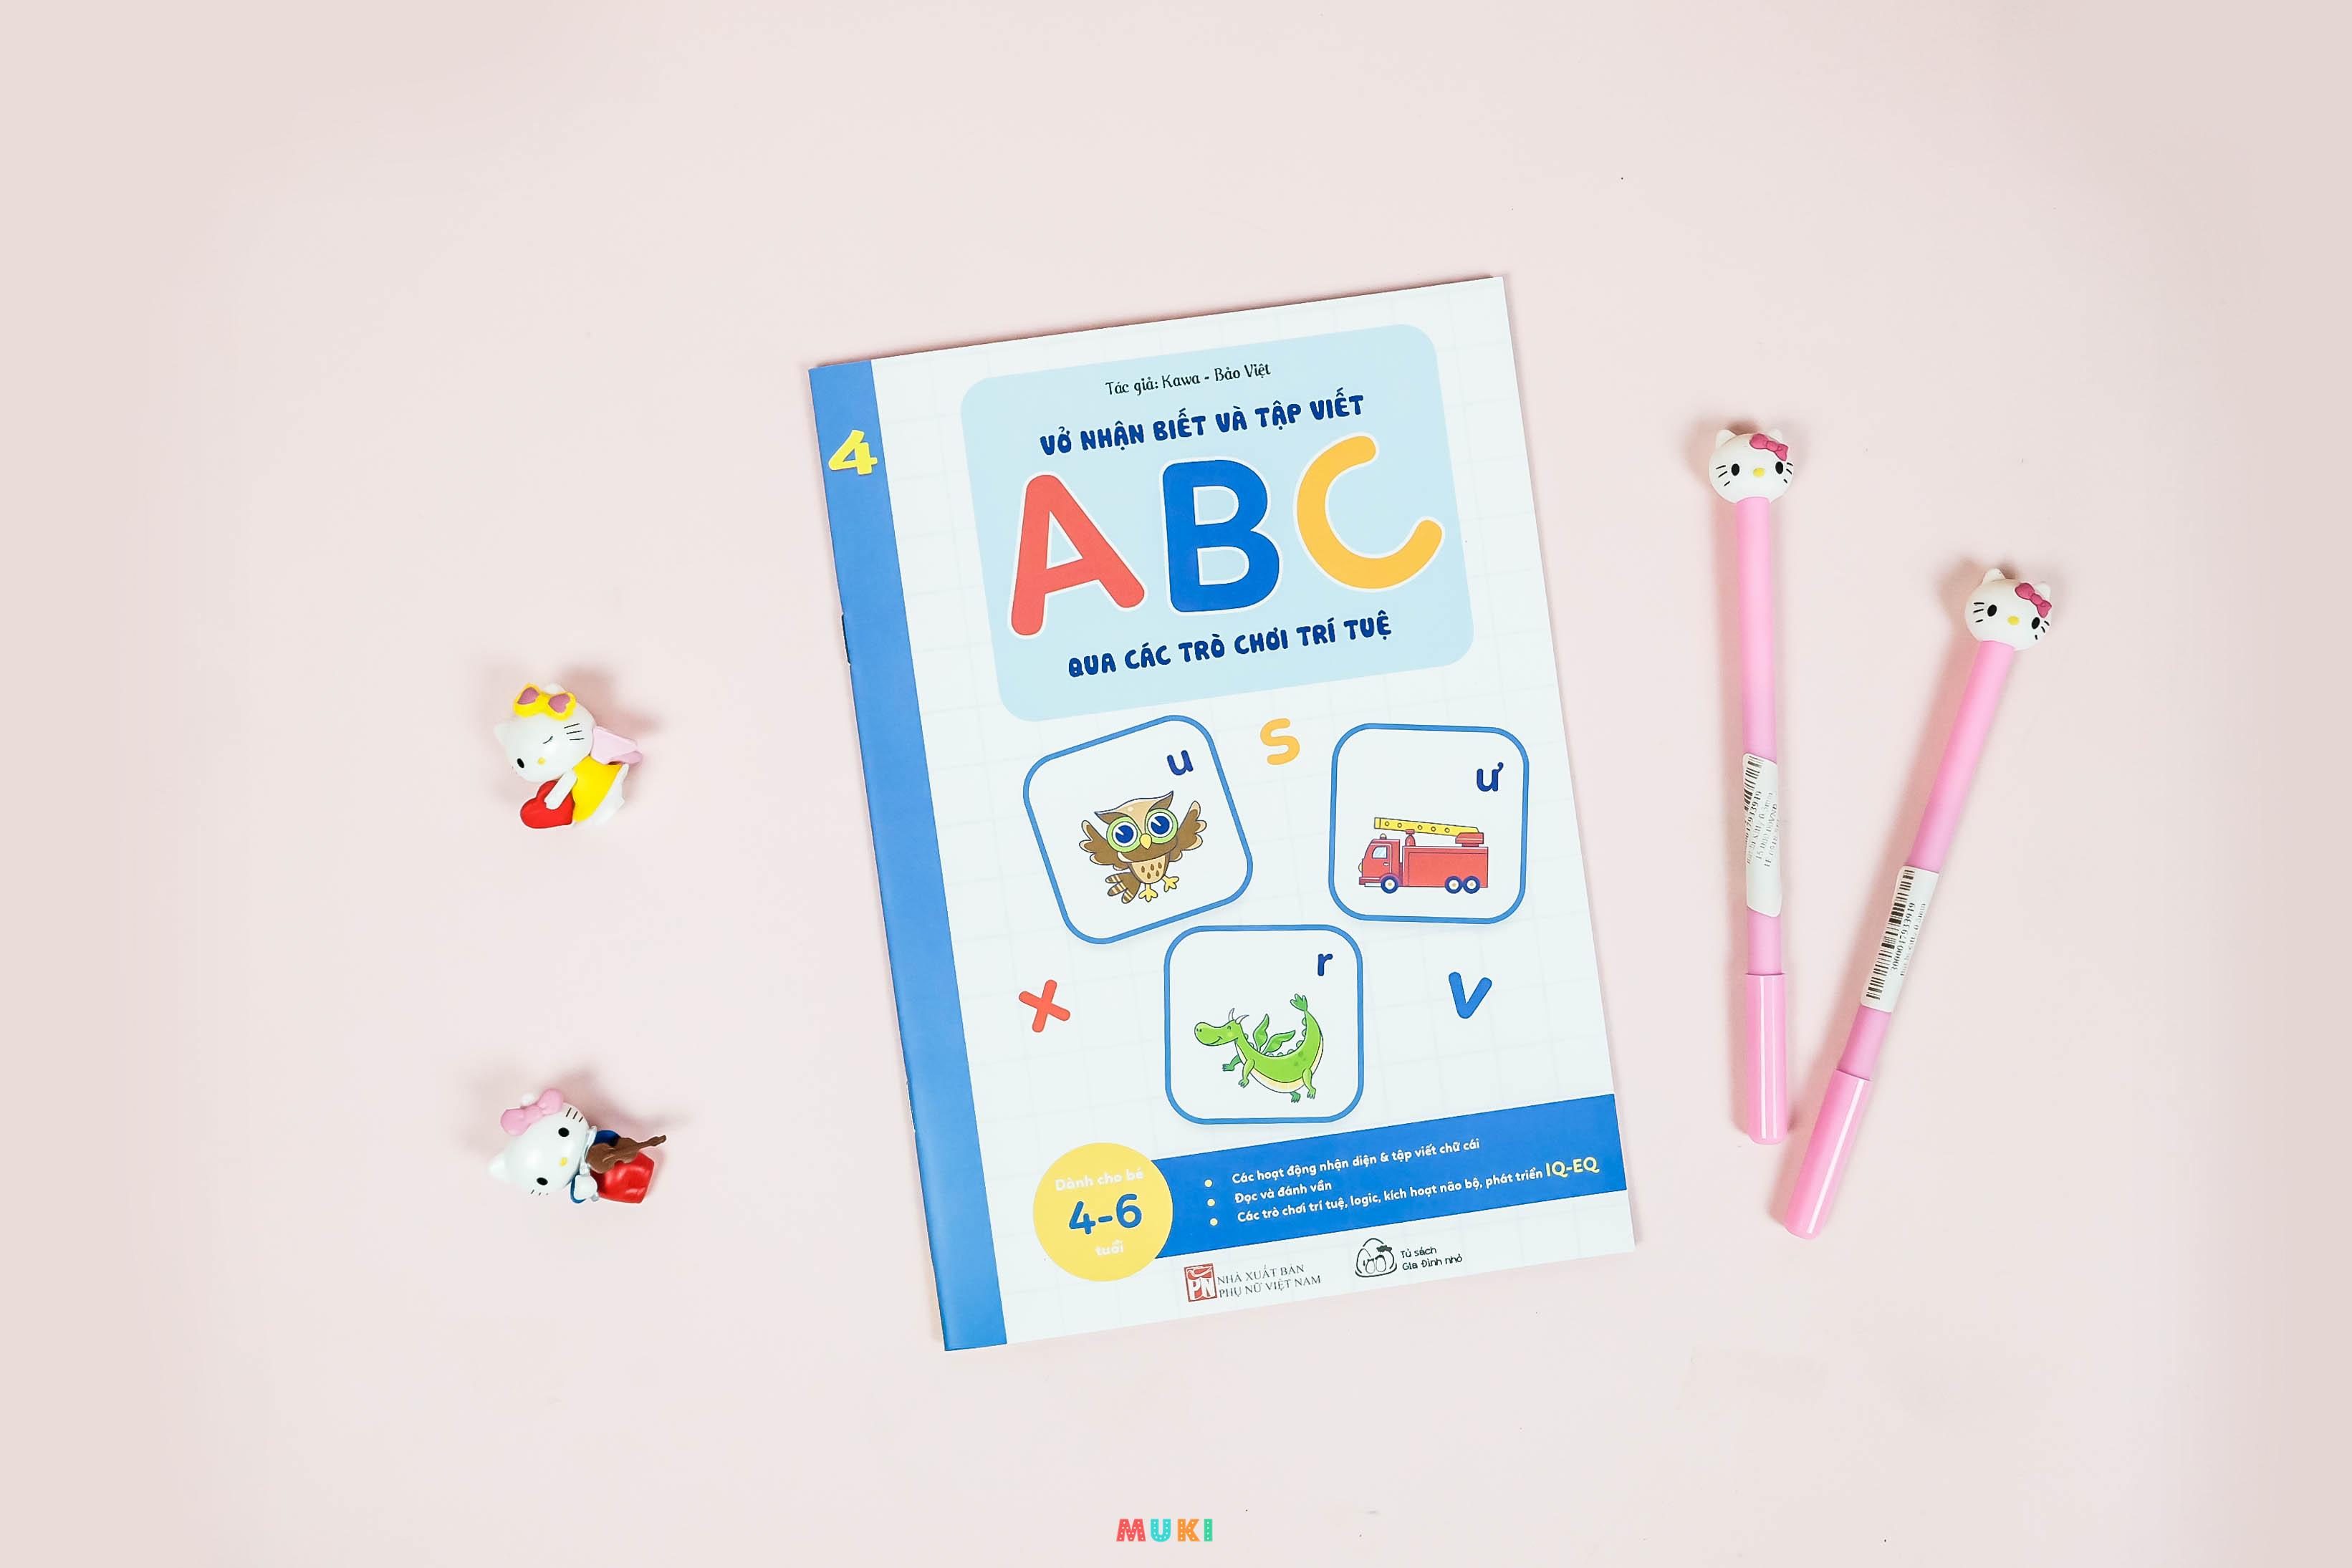 Bộ sách 05 cuốn Phát triển kĩ năng ( Biên soạn theo chương trình mầm non mới): Vở nhận biết và tập viết ABC qua các trò chơi trí tuệ (3+)